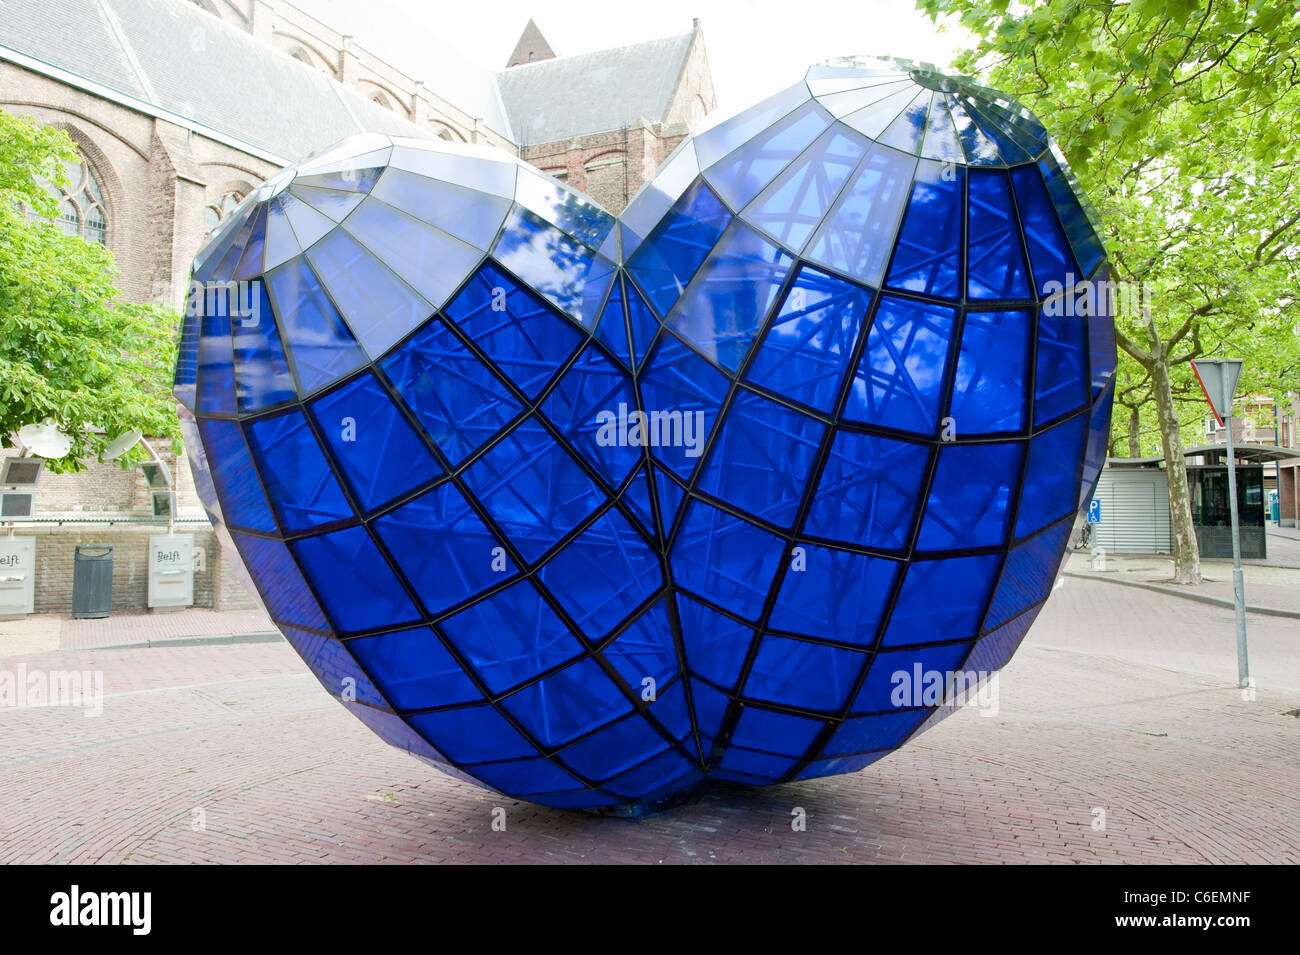 Big Blu Cuore di vetro amore Delft Holland Olanda Europa Immagini Stock